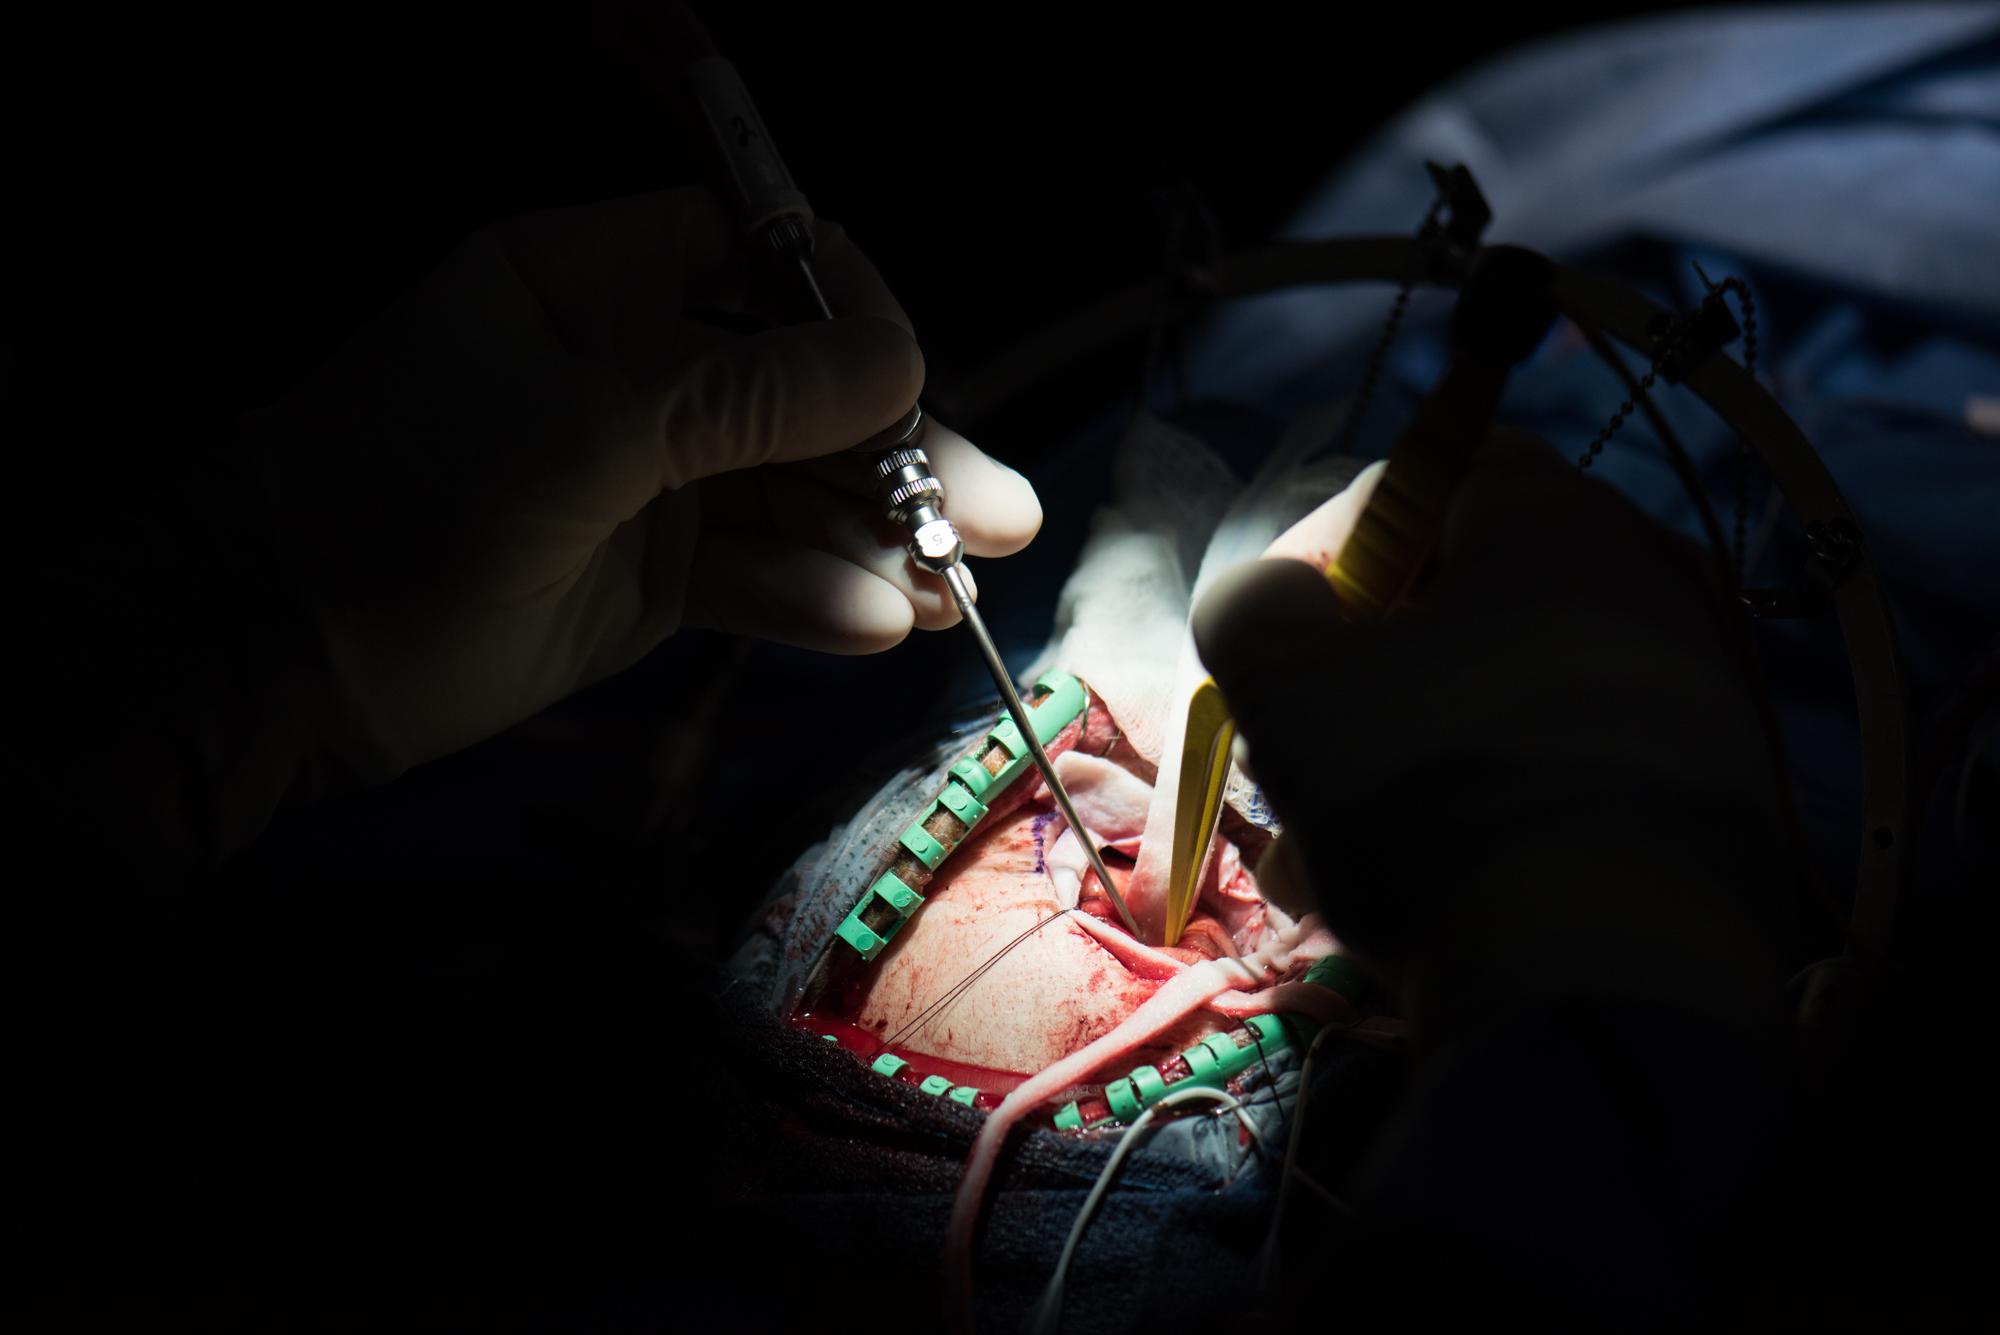 3D_Brain_Surgery_12.jpg